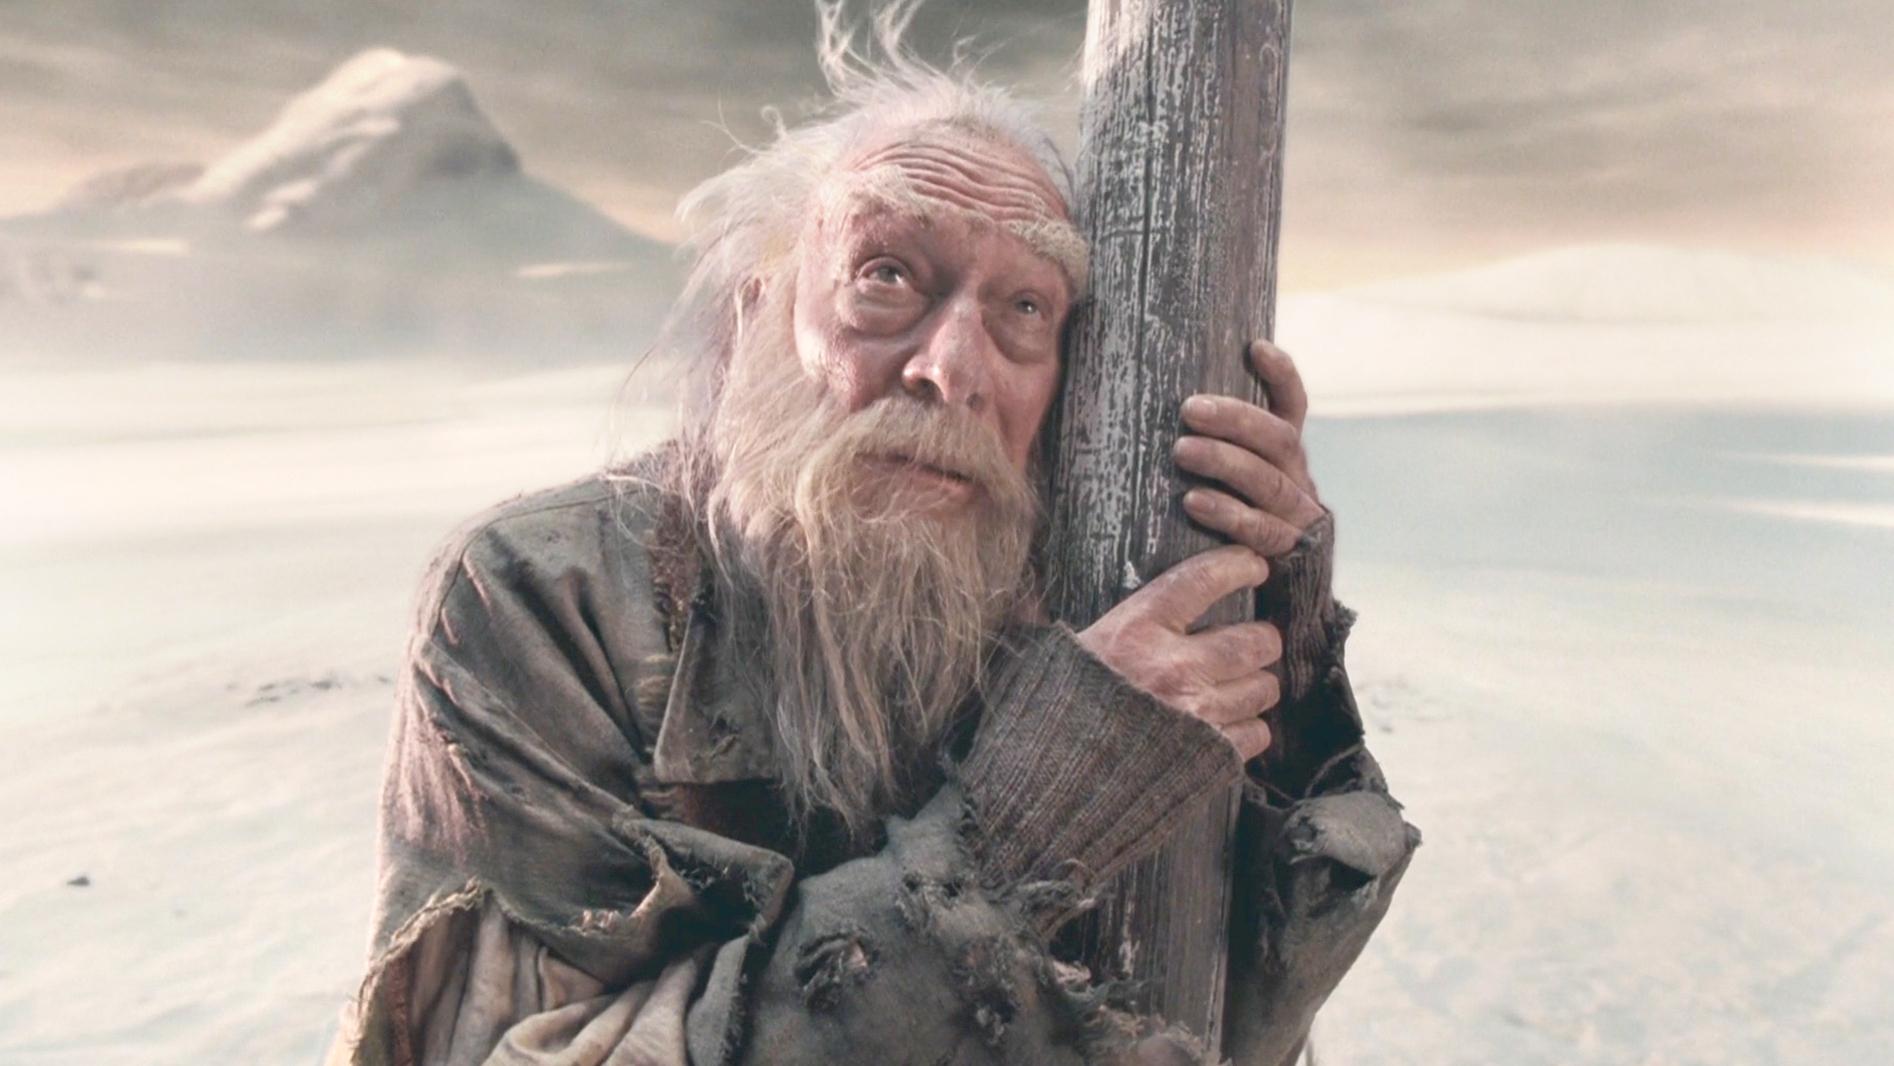 男子和魔鬼打赌,赢得了永生不死的能力,活到1000岁却反悔了!速看奇幻电影《魔法奇幻秀》